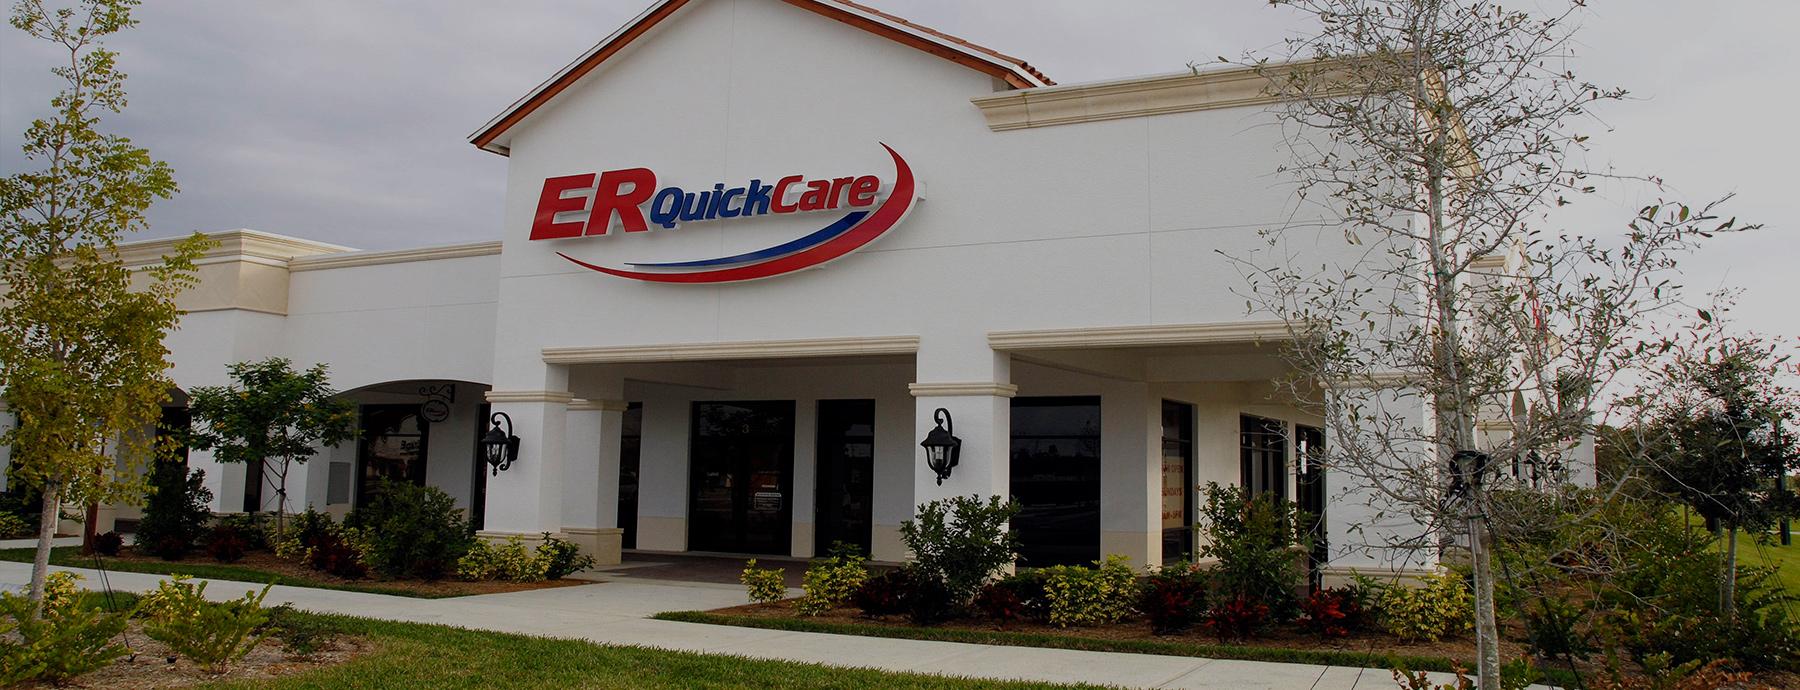 ER QuickCare: Urgent Care: Naples, FL